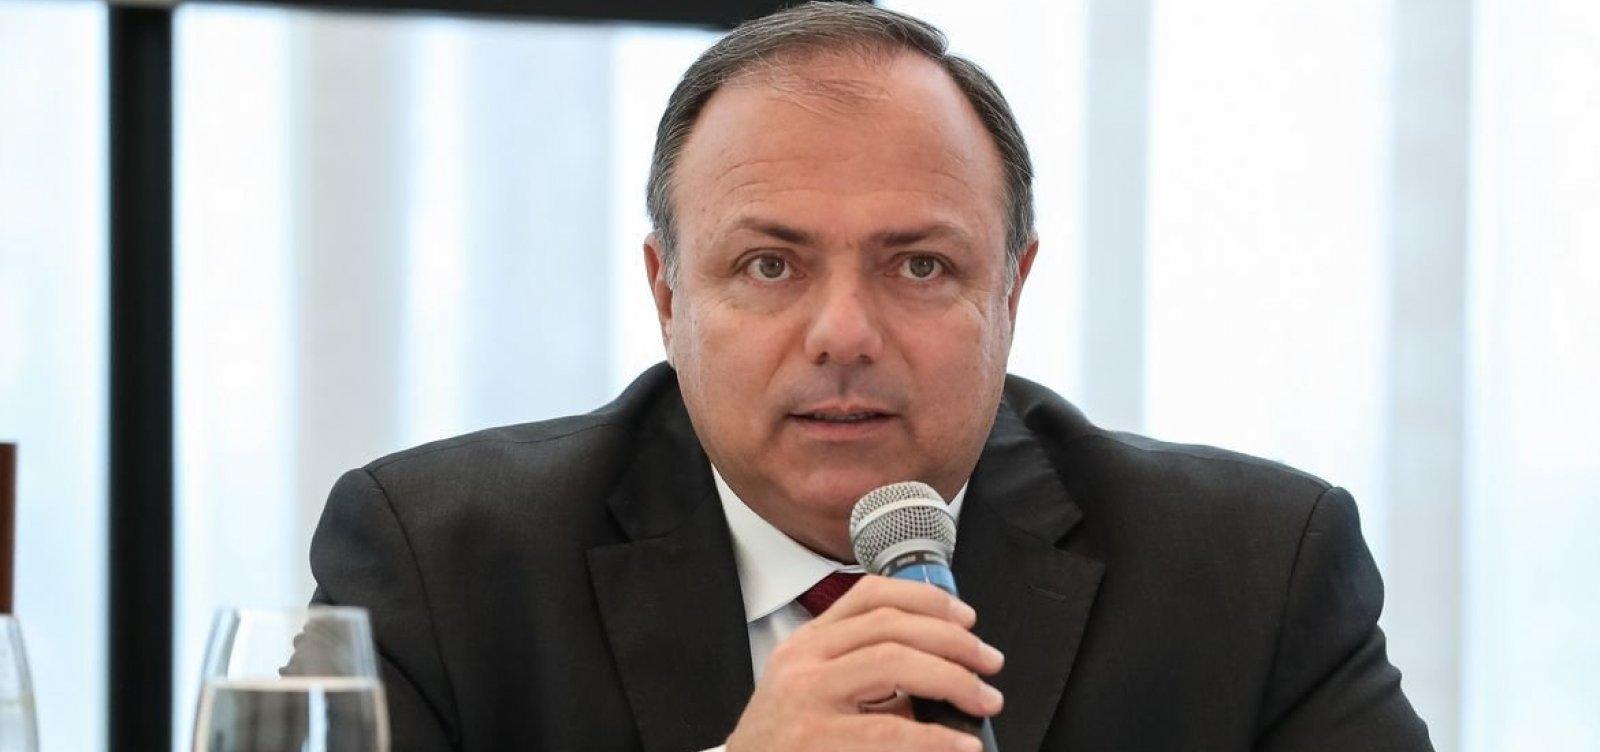 Ministro da Saúde, general Pazuello não tem formação acadêmica em logística